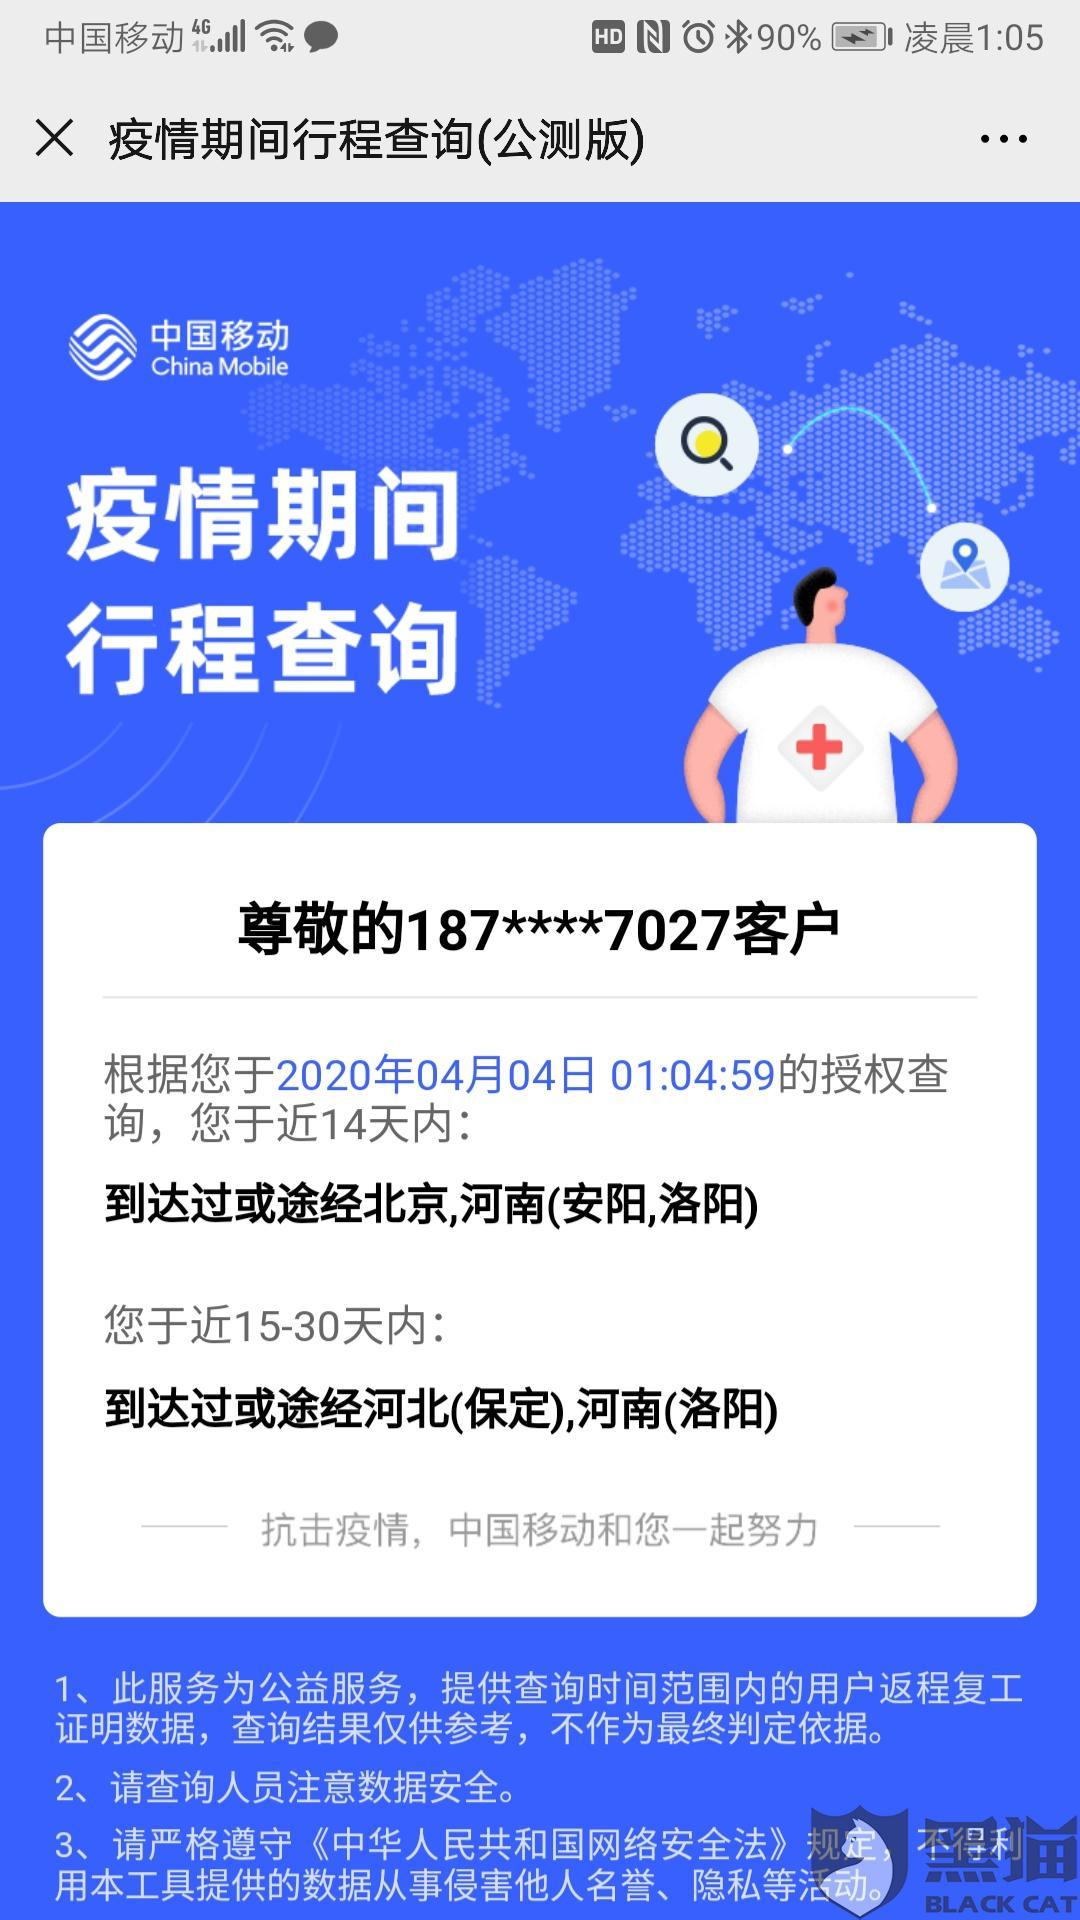 黑猫投诉:中国移动限制用户办理20元20G大流量套餐(48个月)